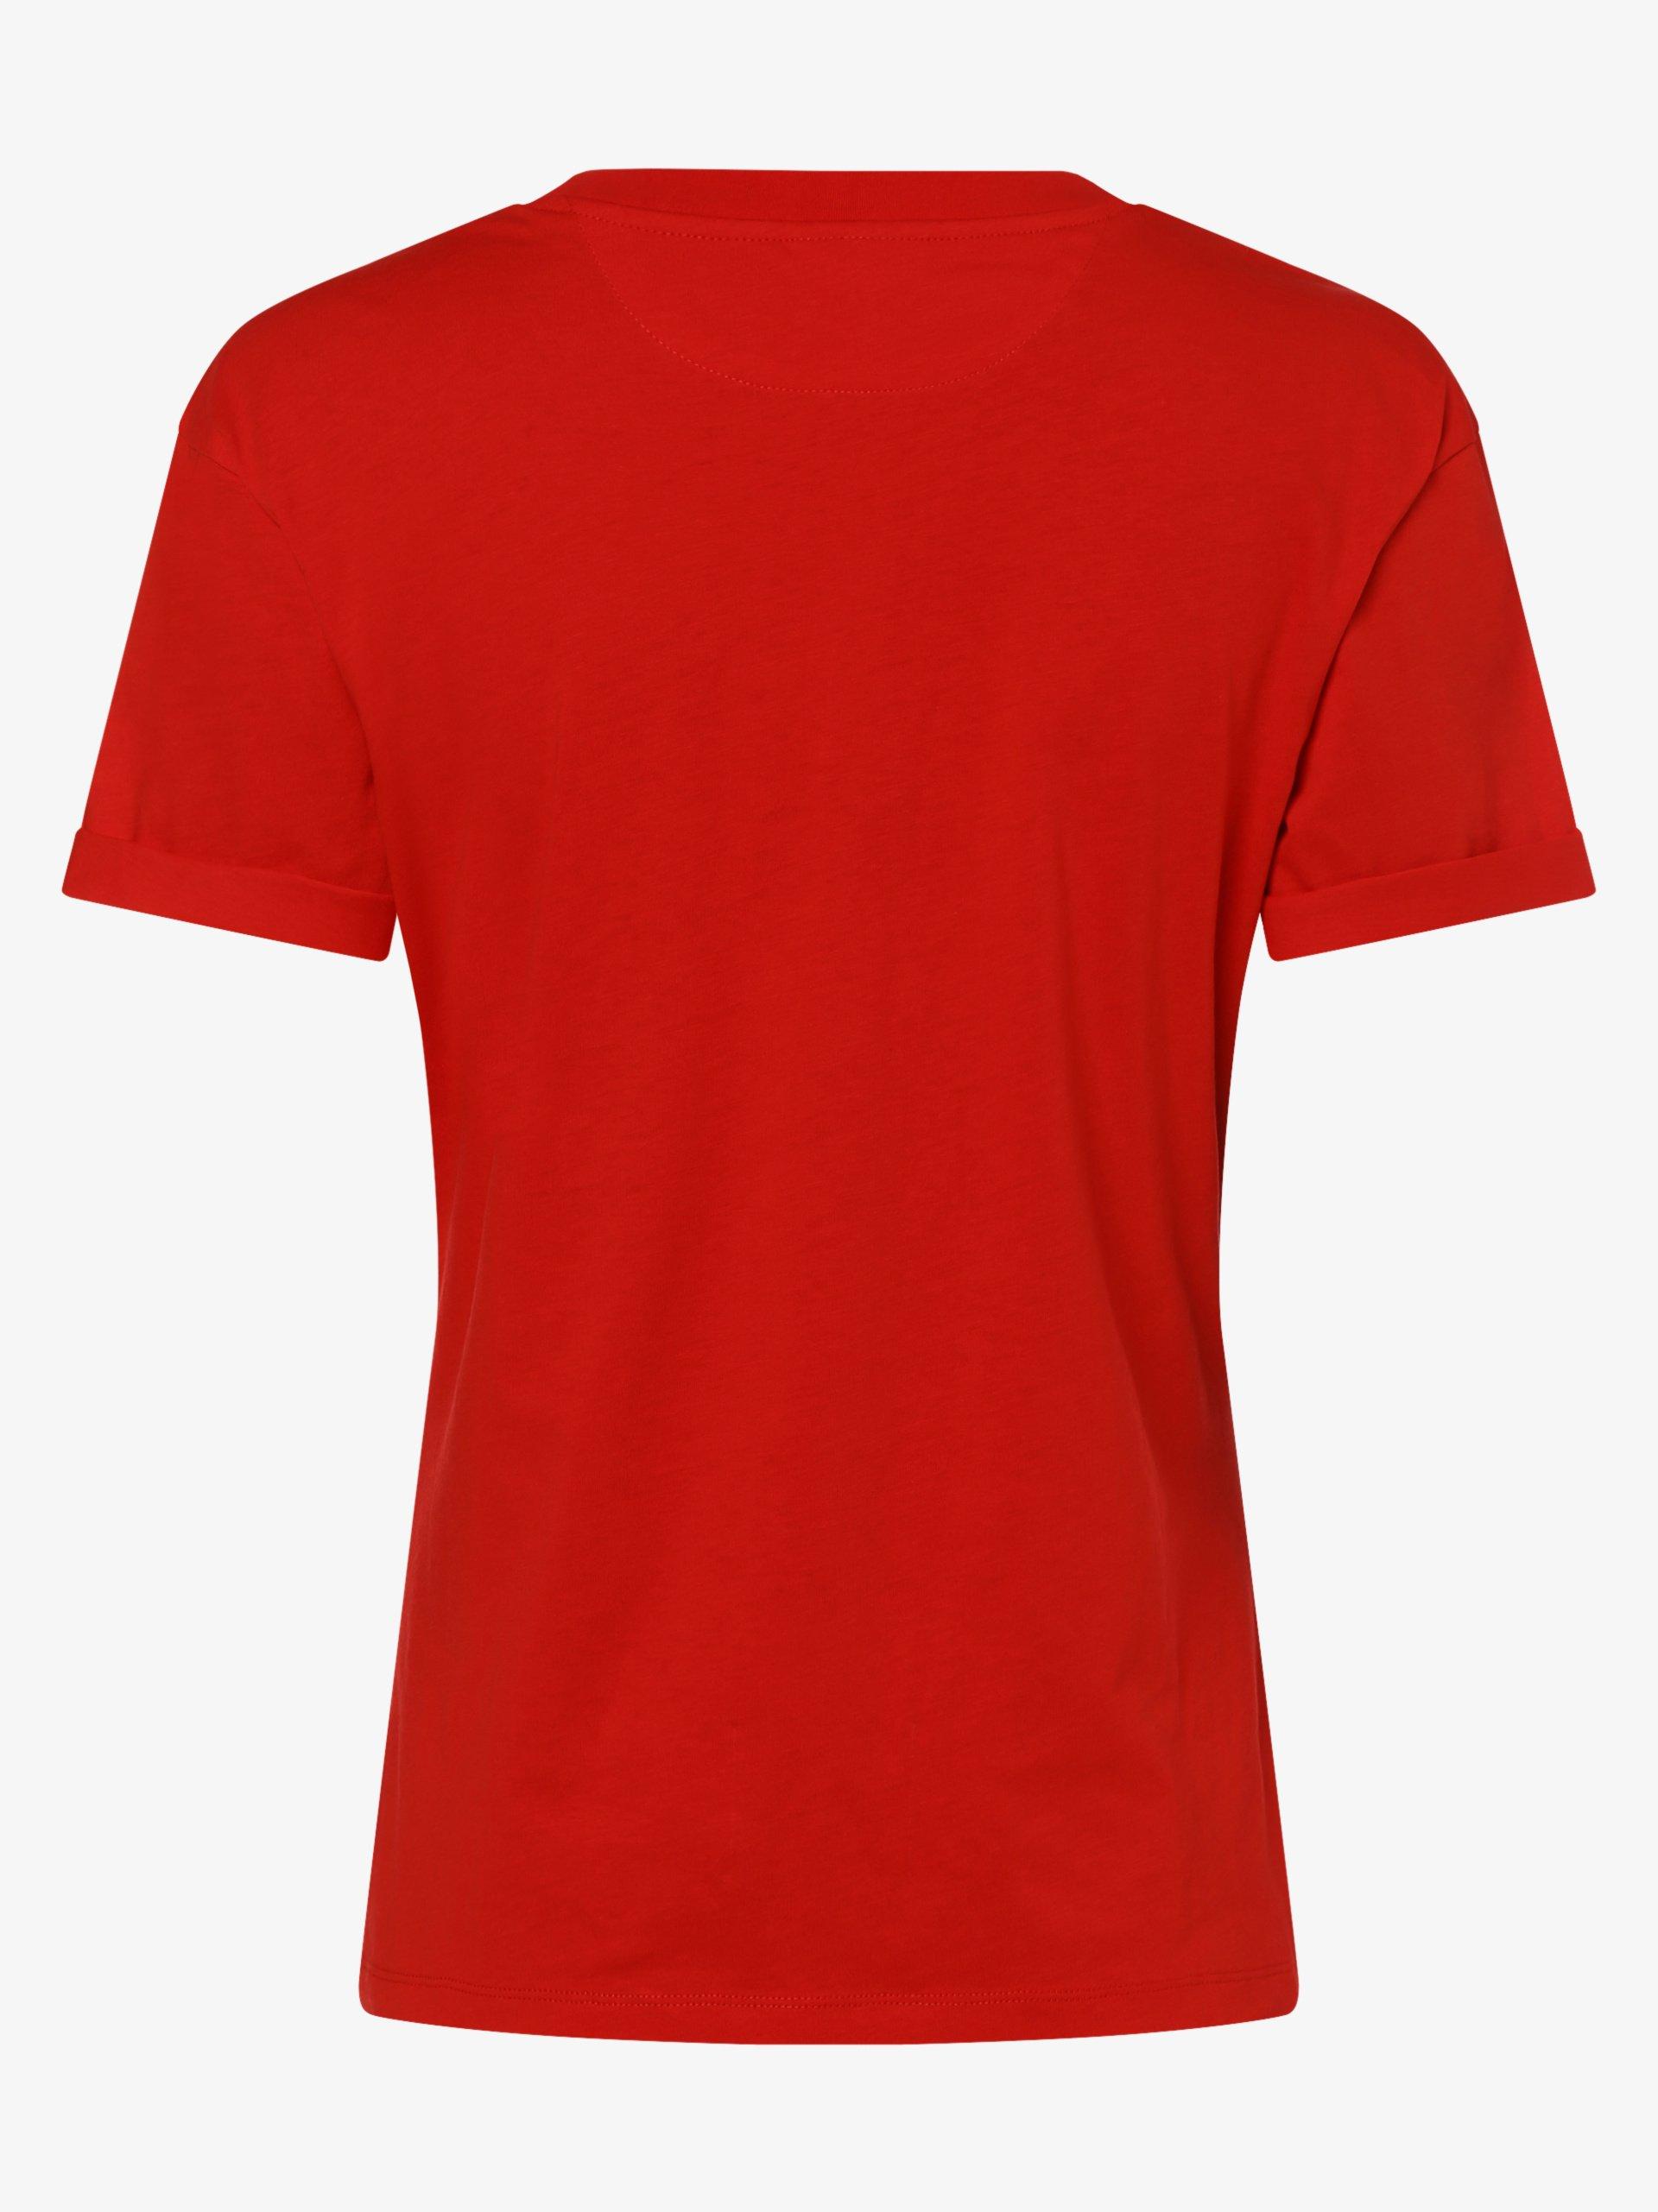 HUGO Damen T-Shirt - Datina